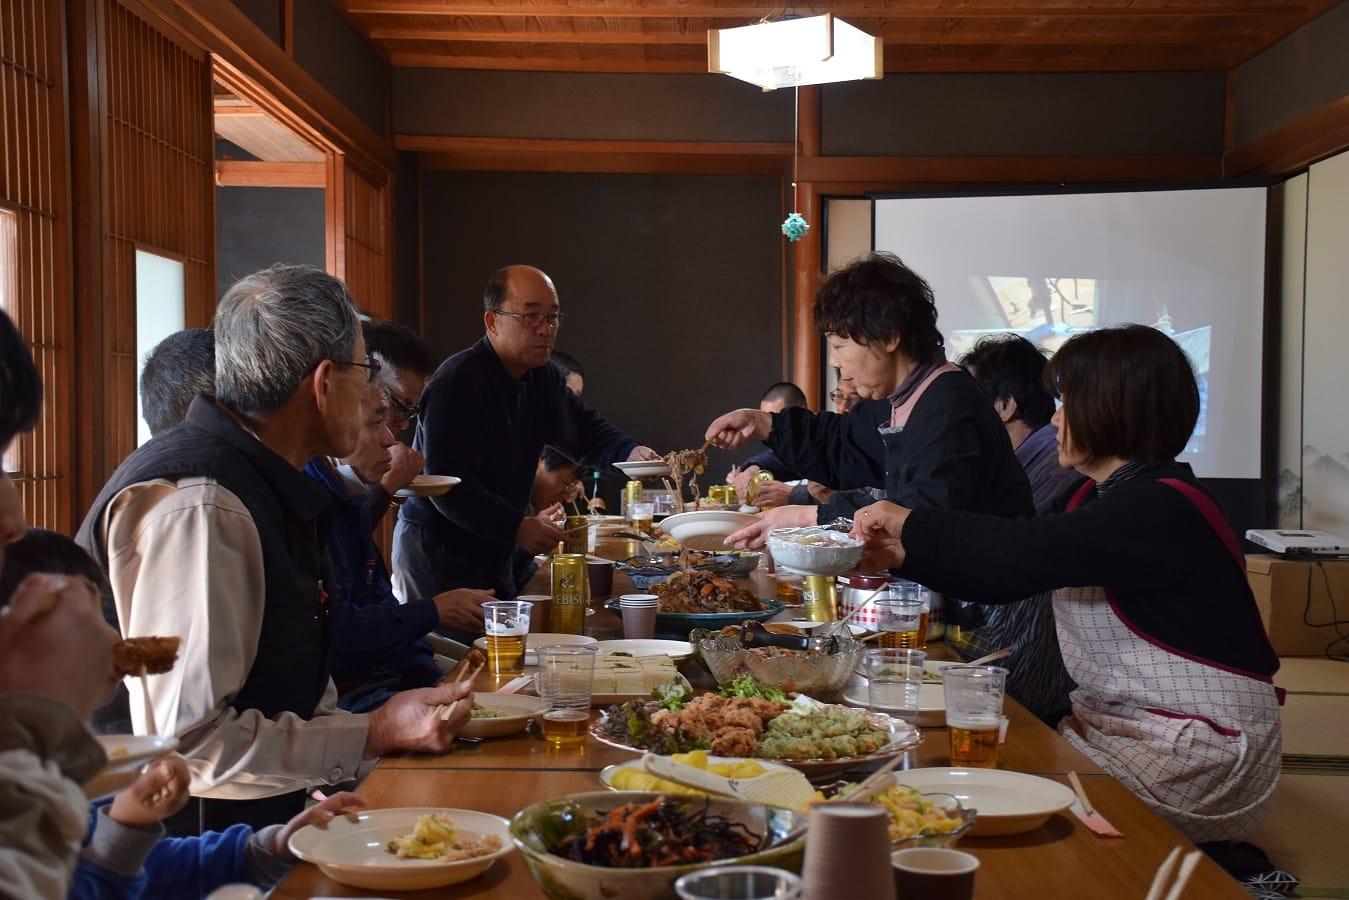 2018年1月31日、美濃加茂市三和町の廿屋地区で、空き家のリフォームを実際に体験するワークショップを開催。